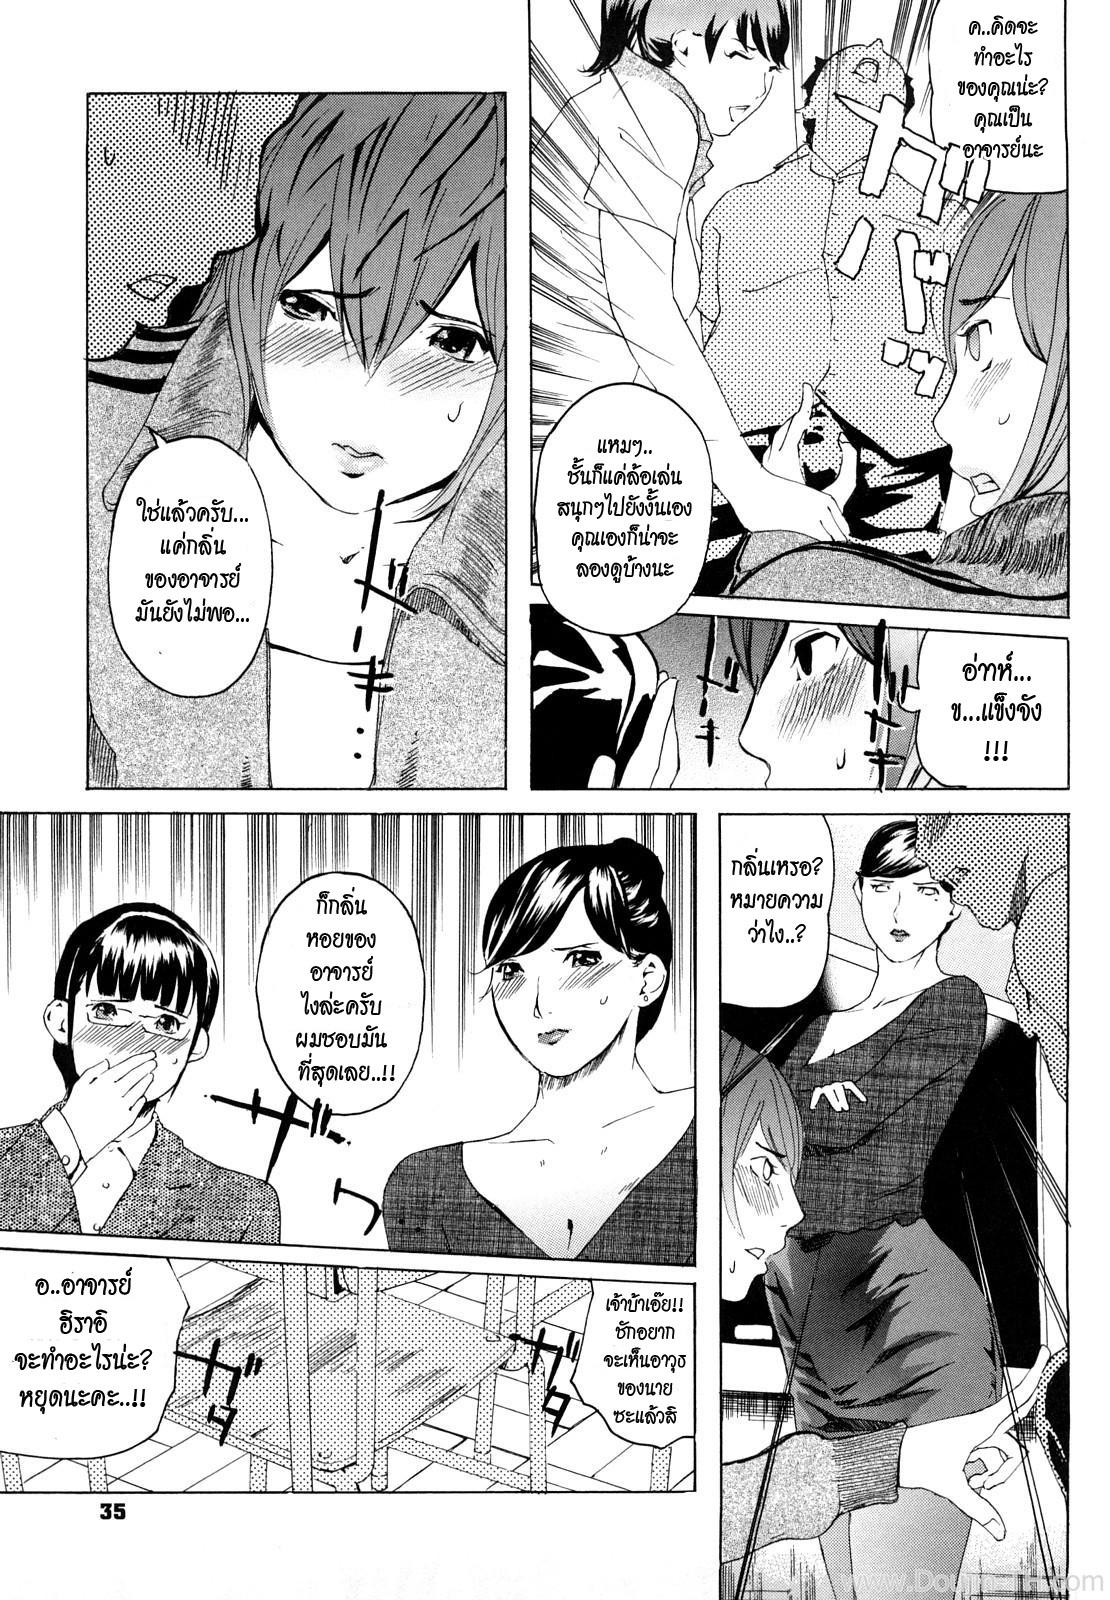 4 อาจารย์สาวผู้น่าสะพรึงกลัว - หน้า 6